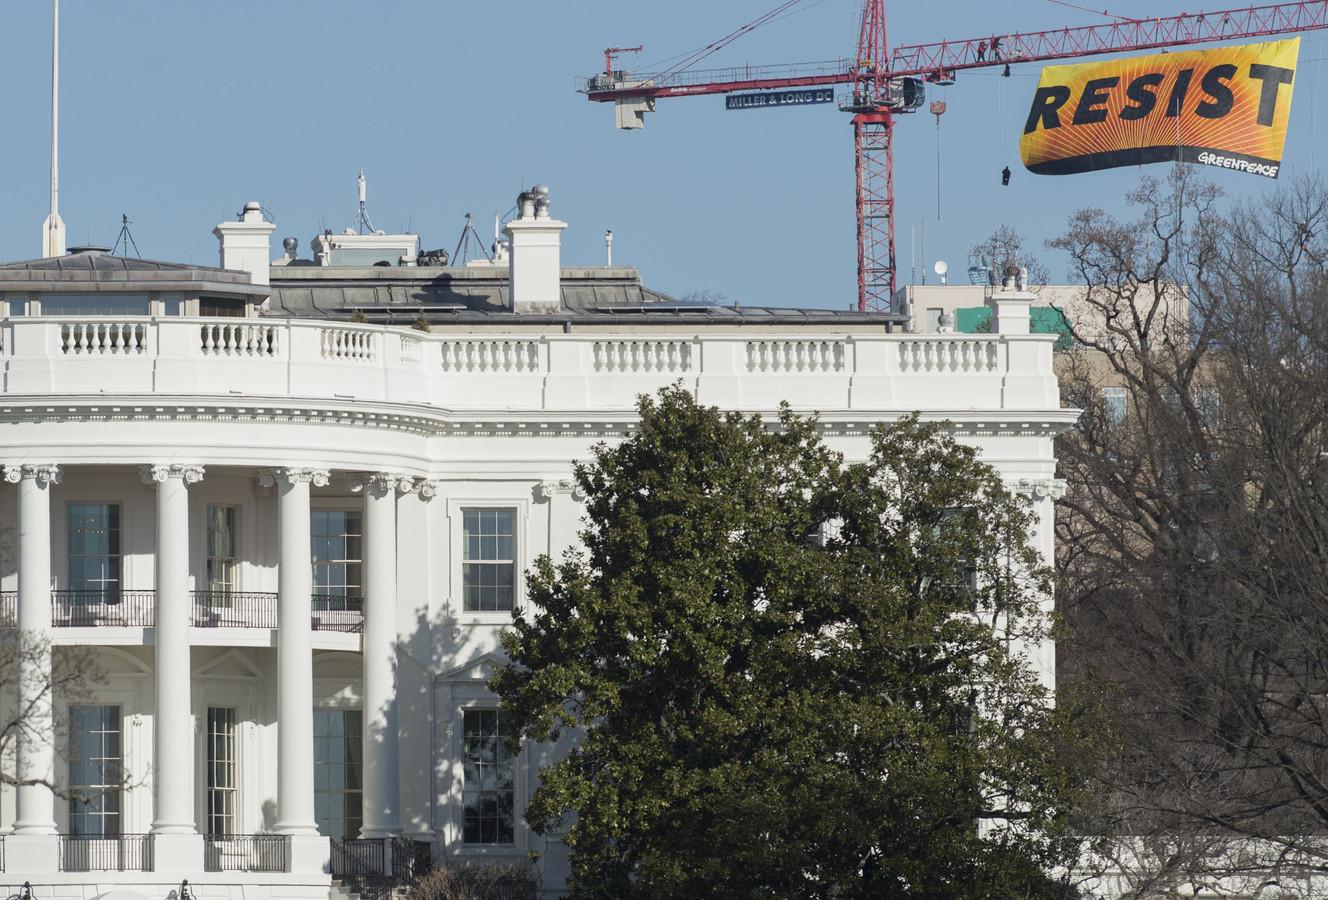 Activisten hangen groot spandoek boven het dak van het witte huis foto - Het huis van de cabriolet ...